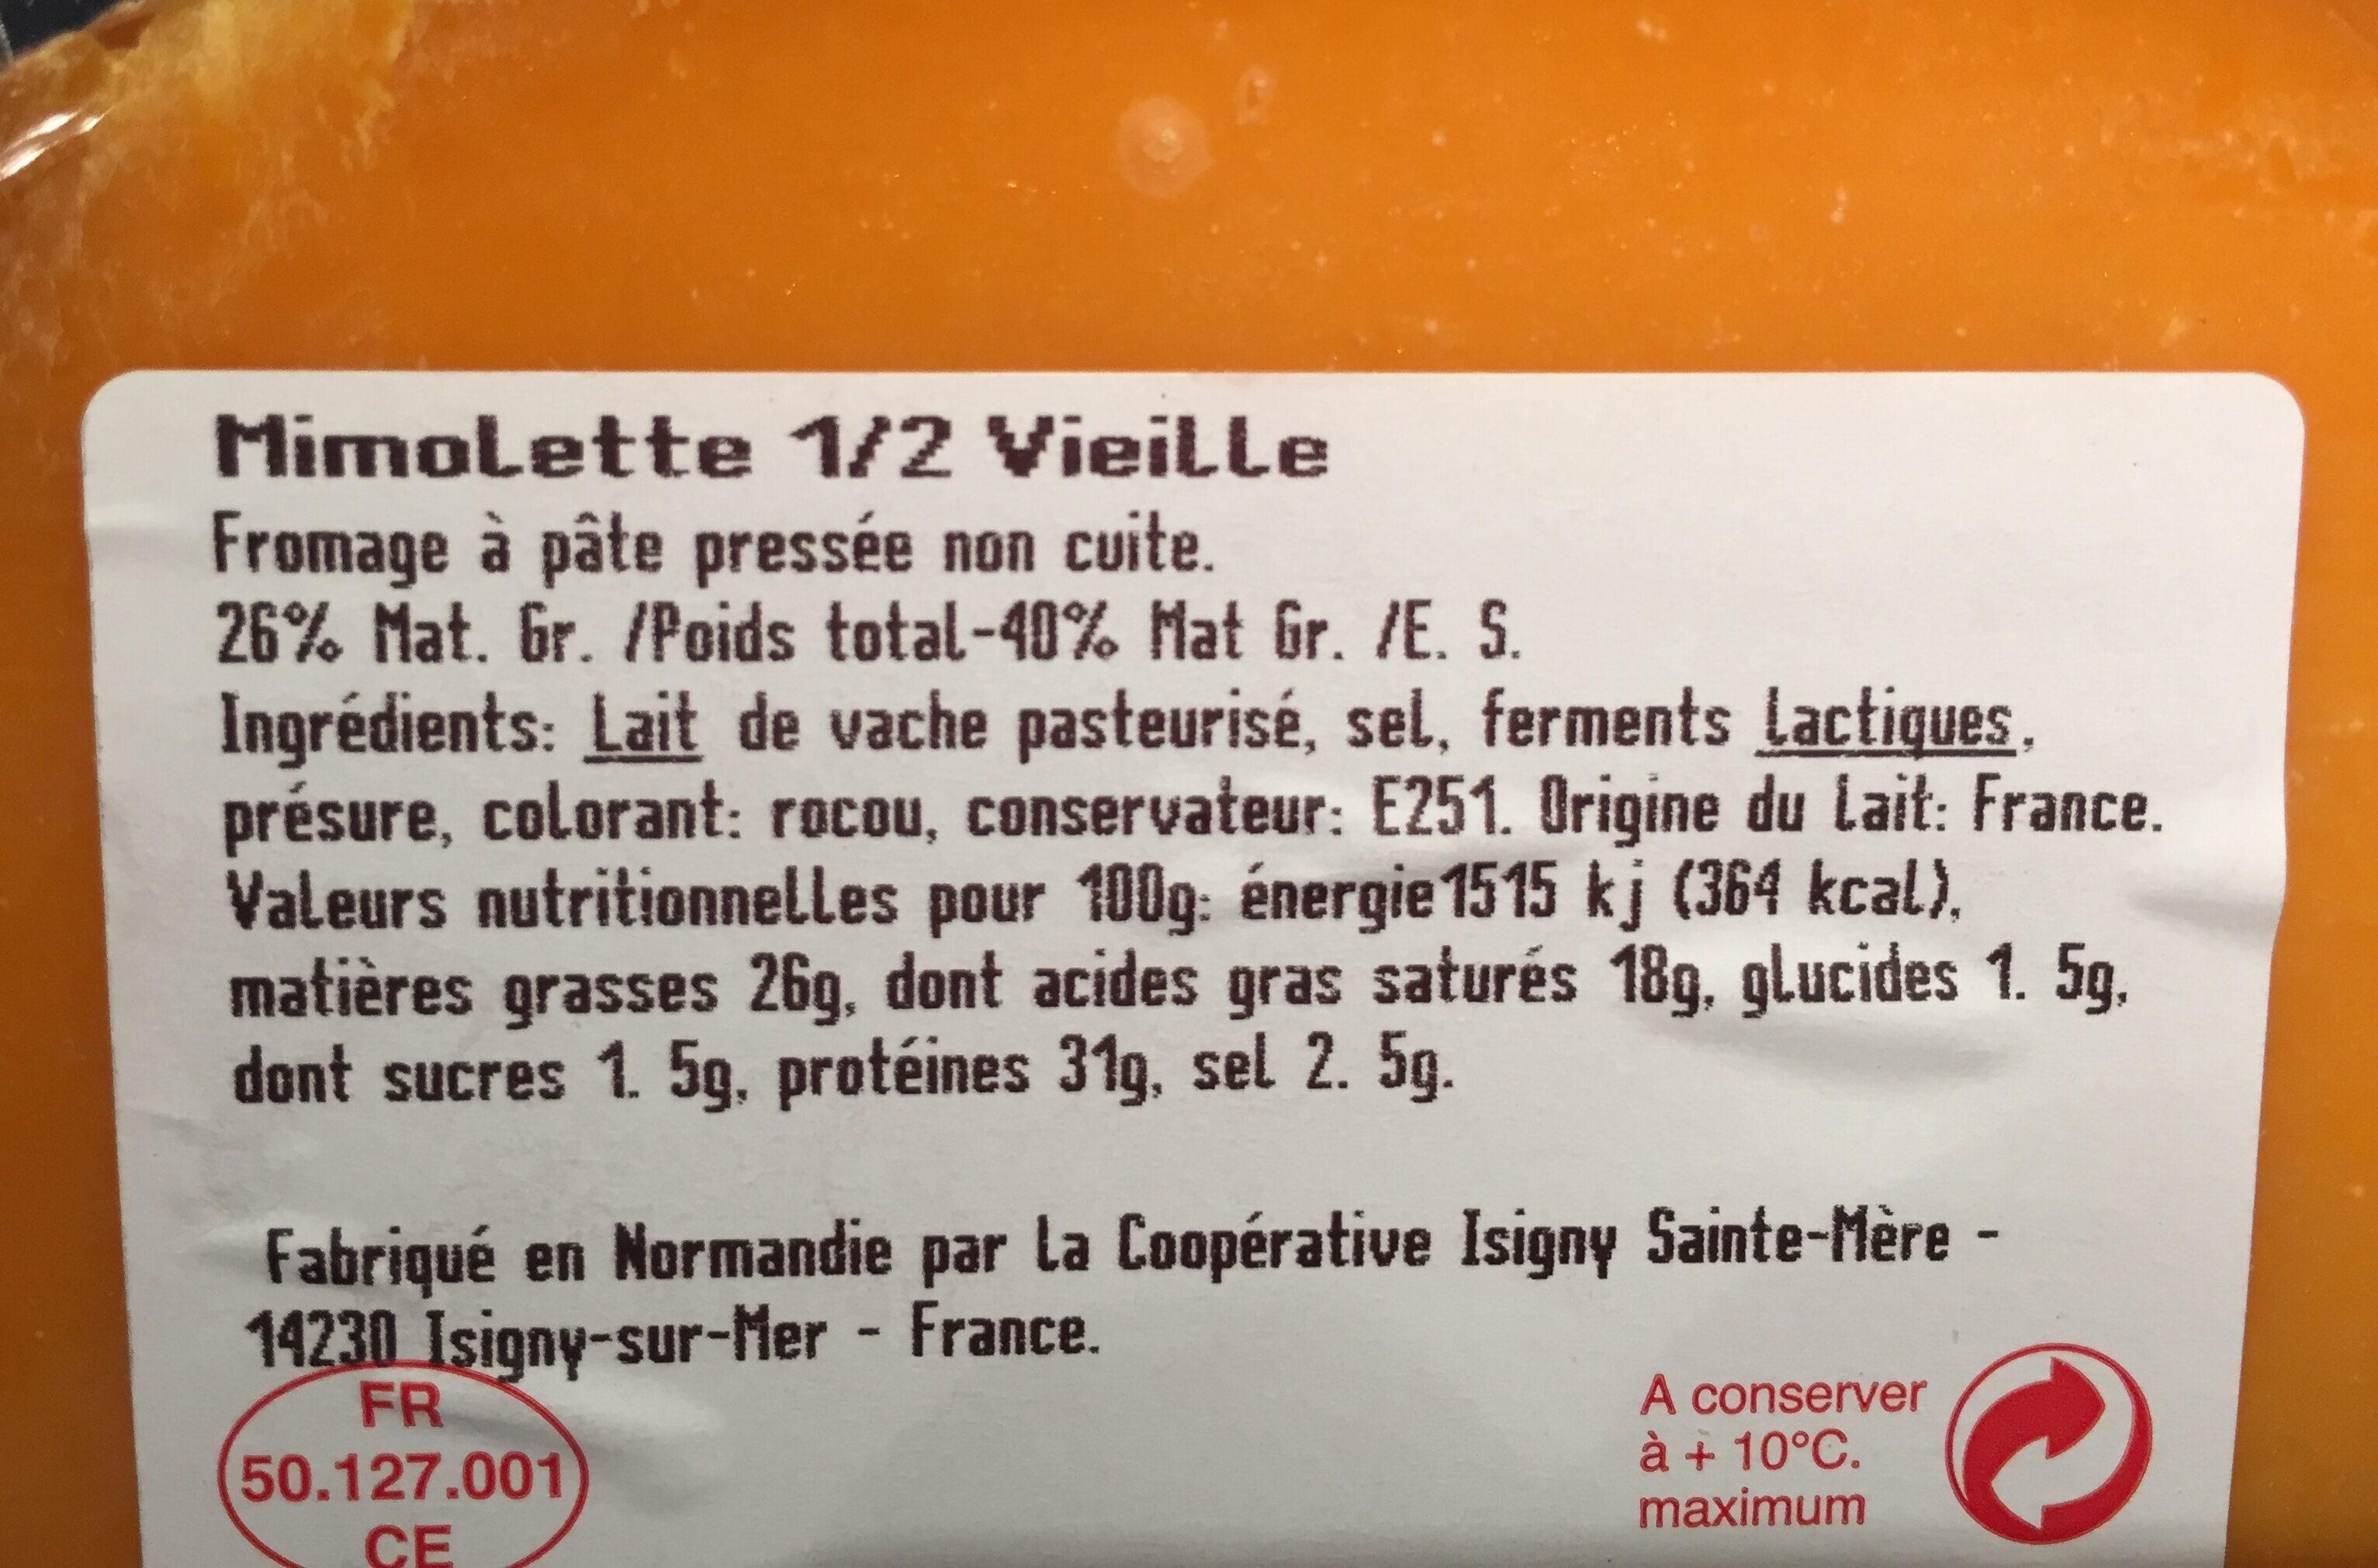 Mimolette Demie Vieille Au Lait Pasteurisé, 27%MG - Ingredients - fr